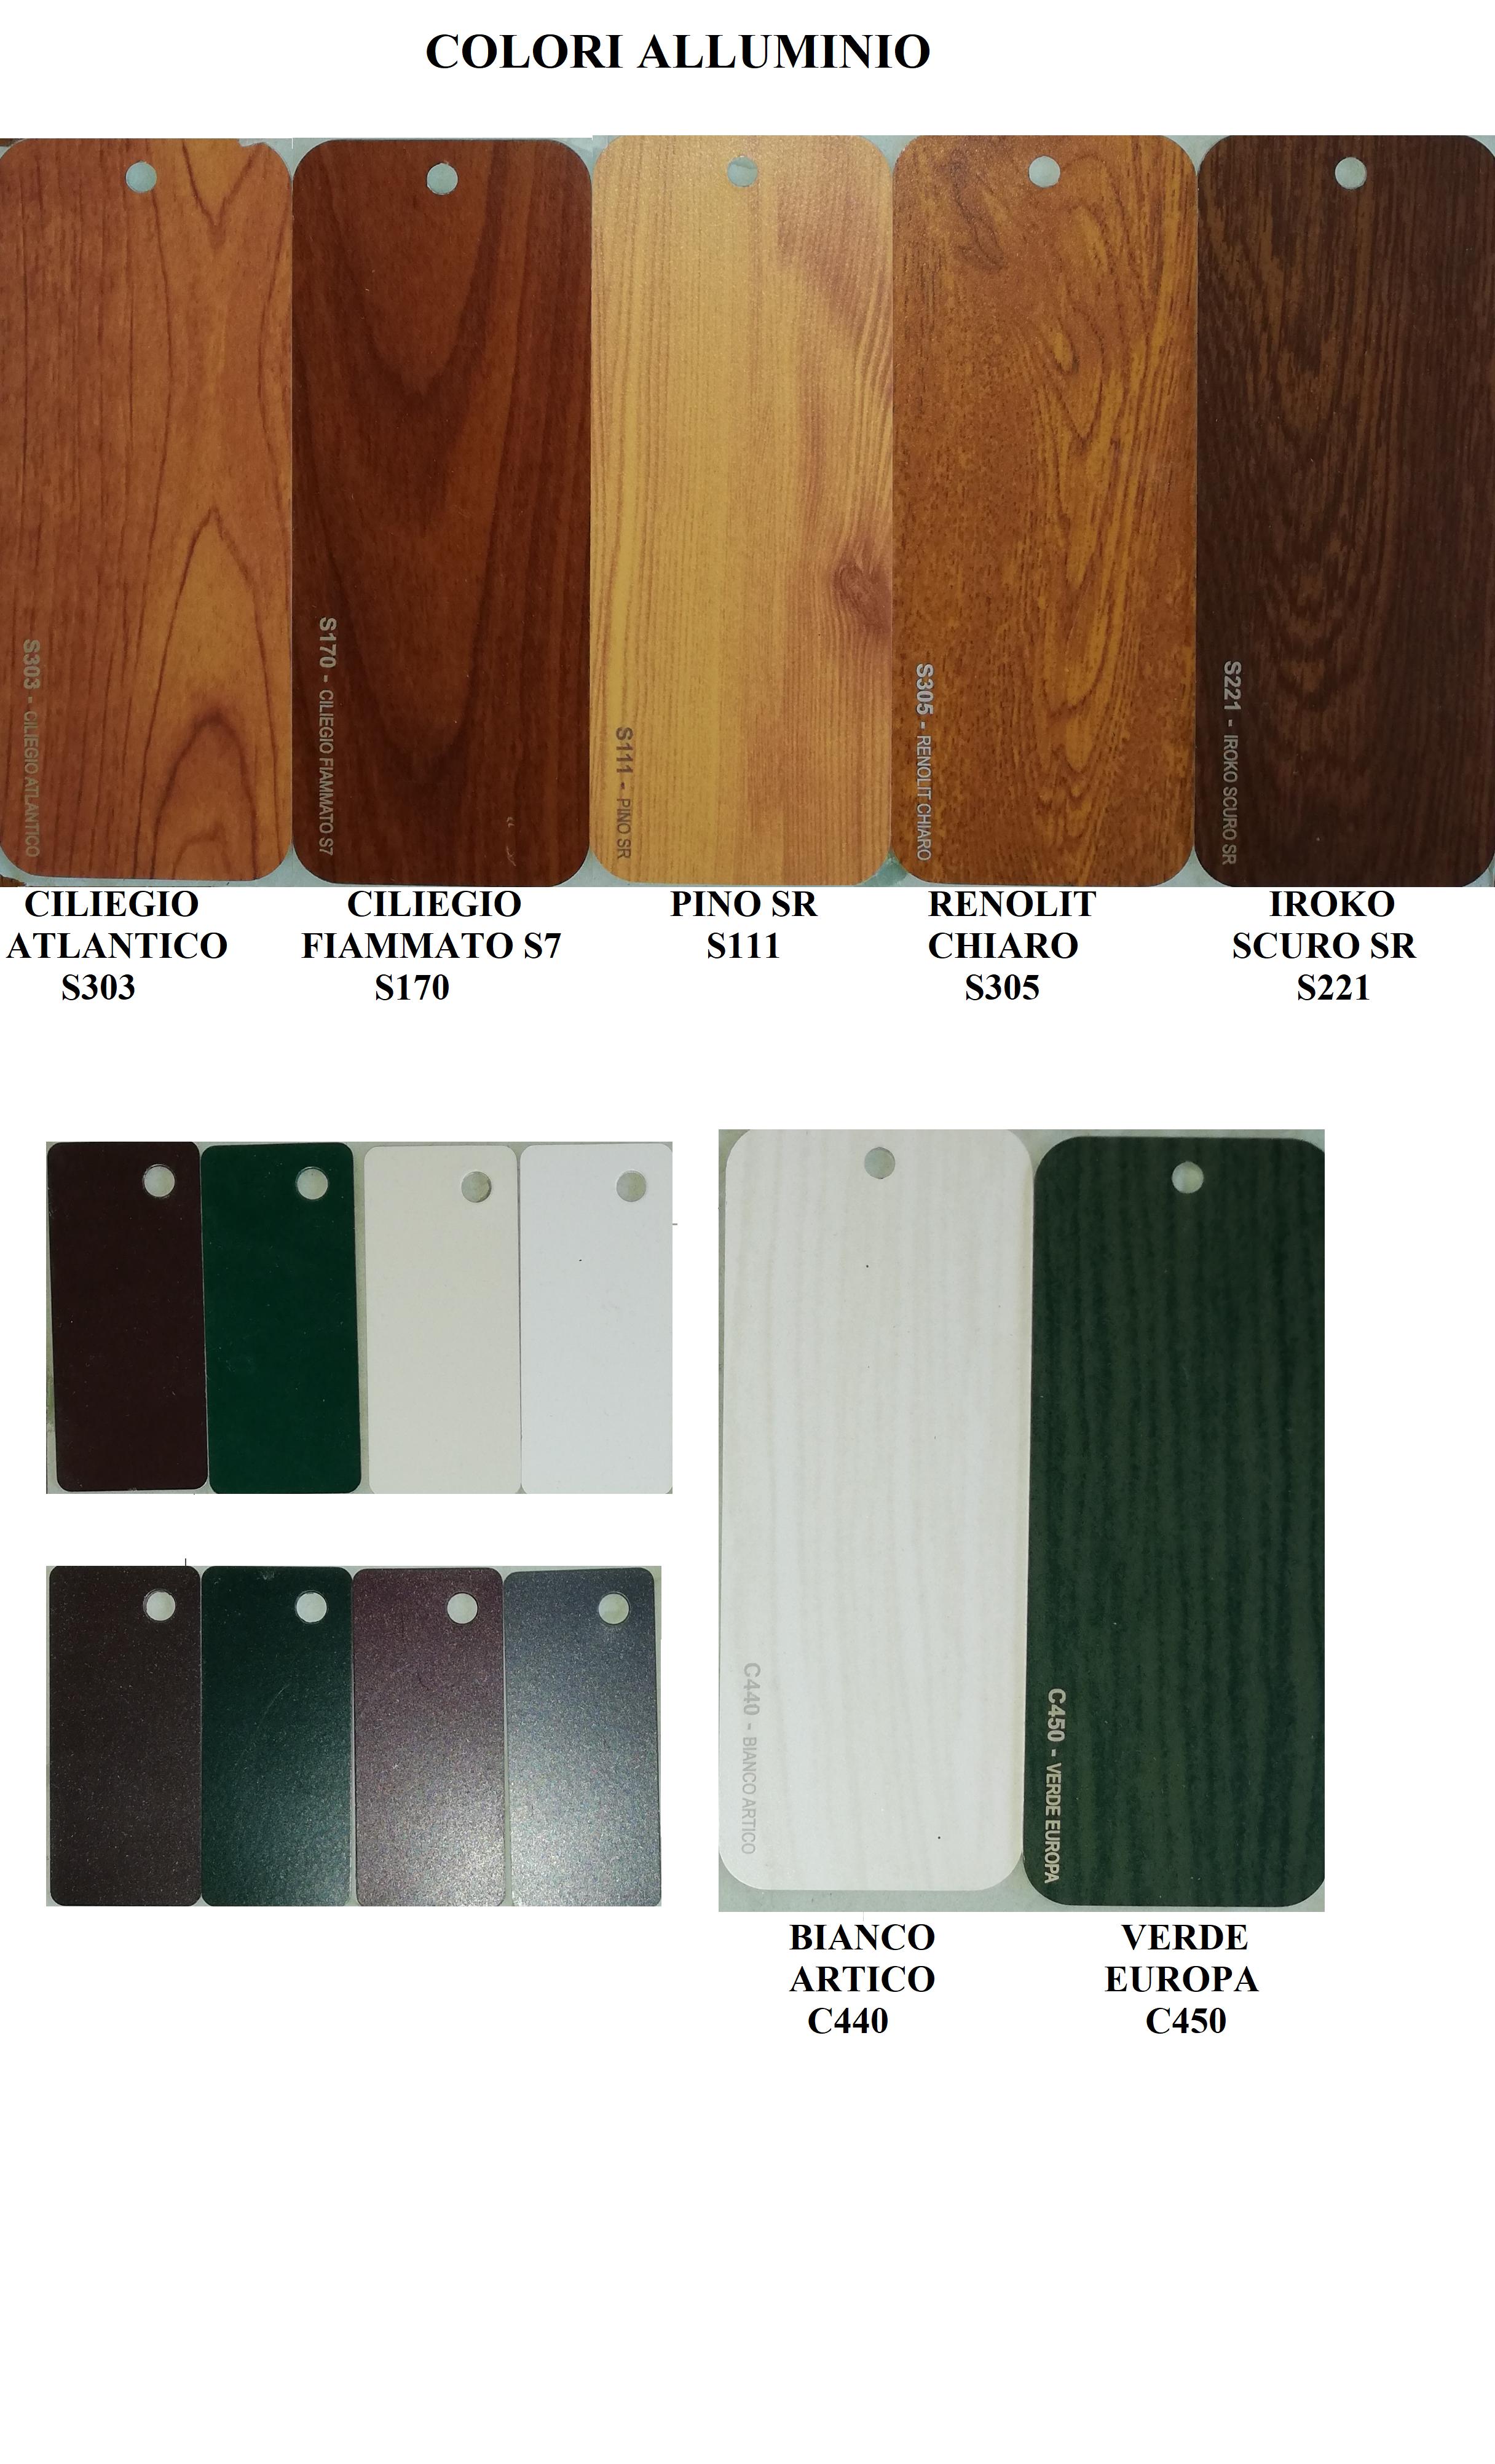 Colori Infissi In Alluminio infissi in alluminio - rodolico infissi